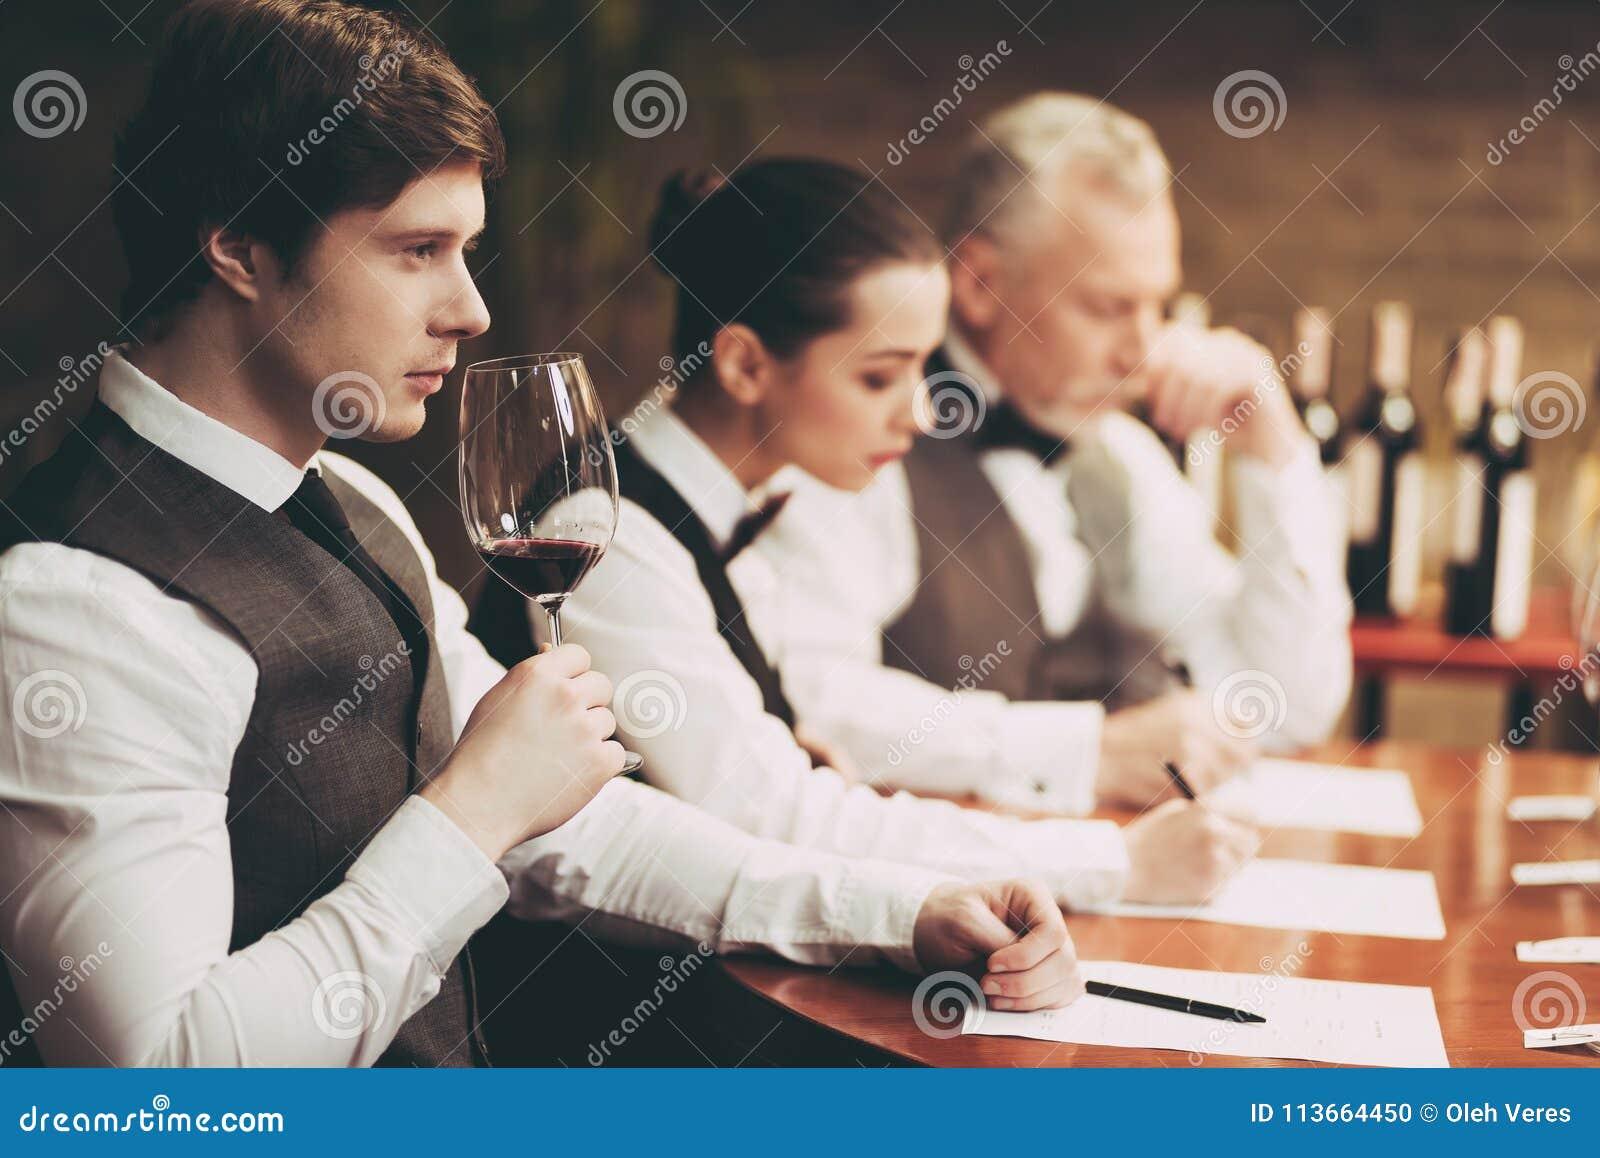 El sommelier experimentado explora el gusto del vino en restaurante El camarero joven prueba las bebidas alcohólicas